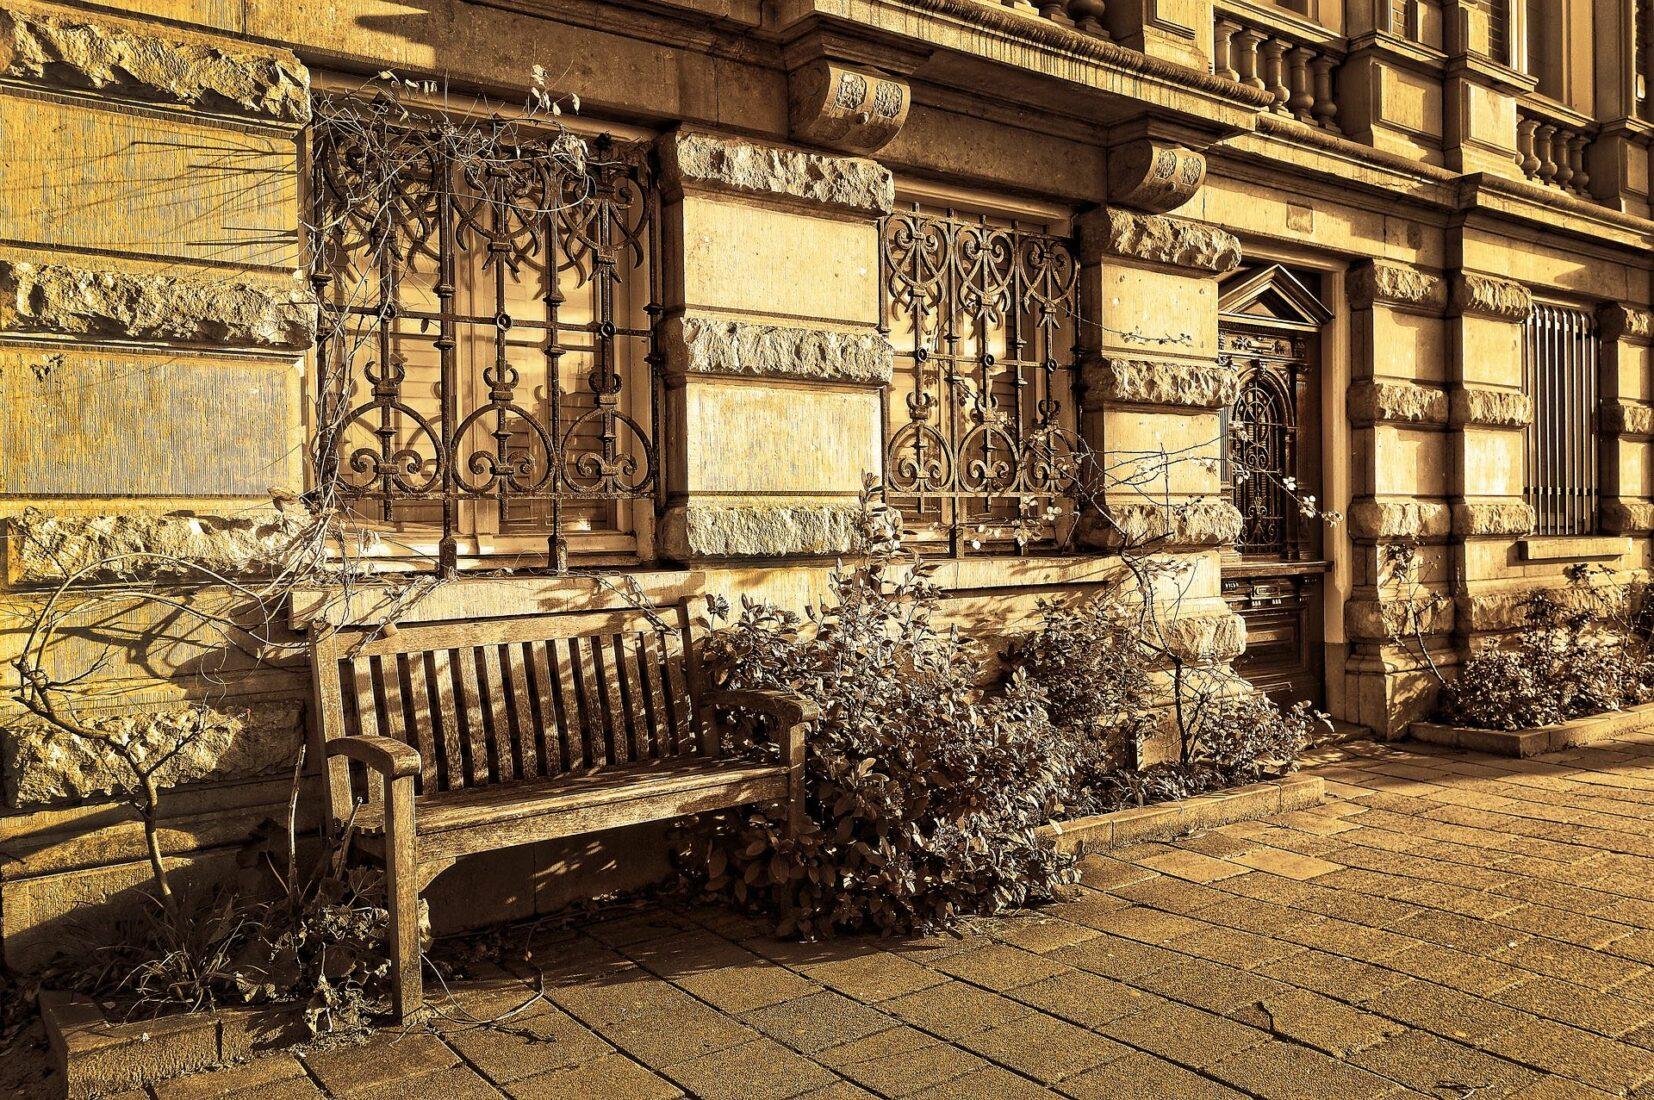 Buckelquader und glattgeschliffene Bossen an derselben Fassade. Foto: Pixabay